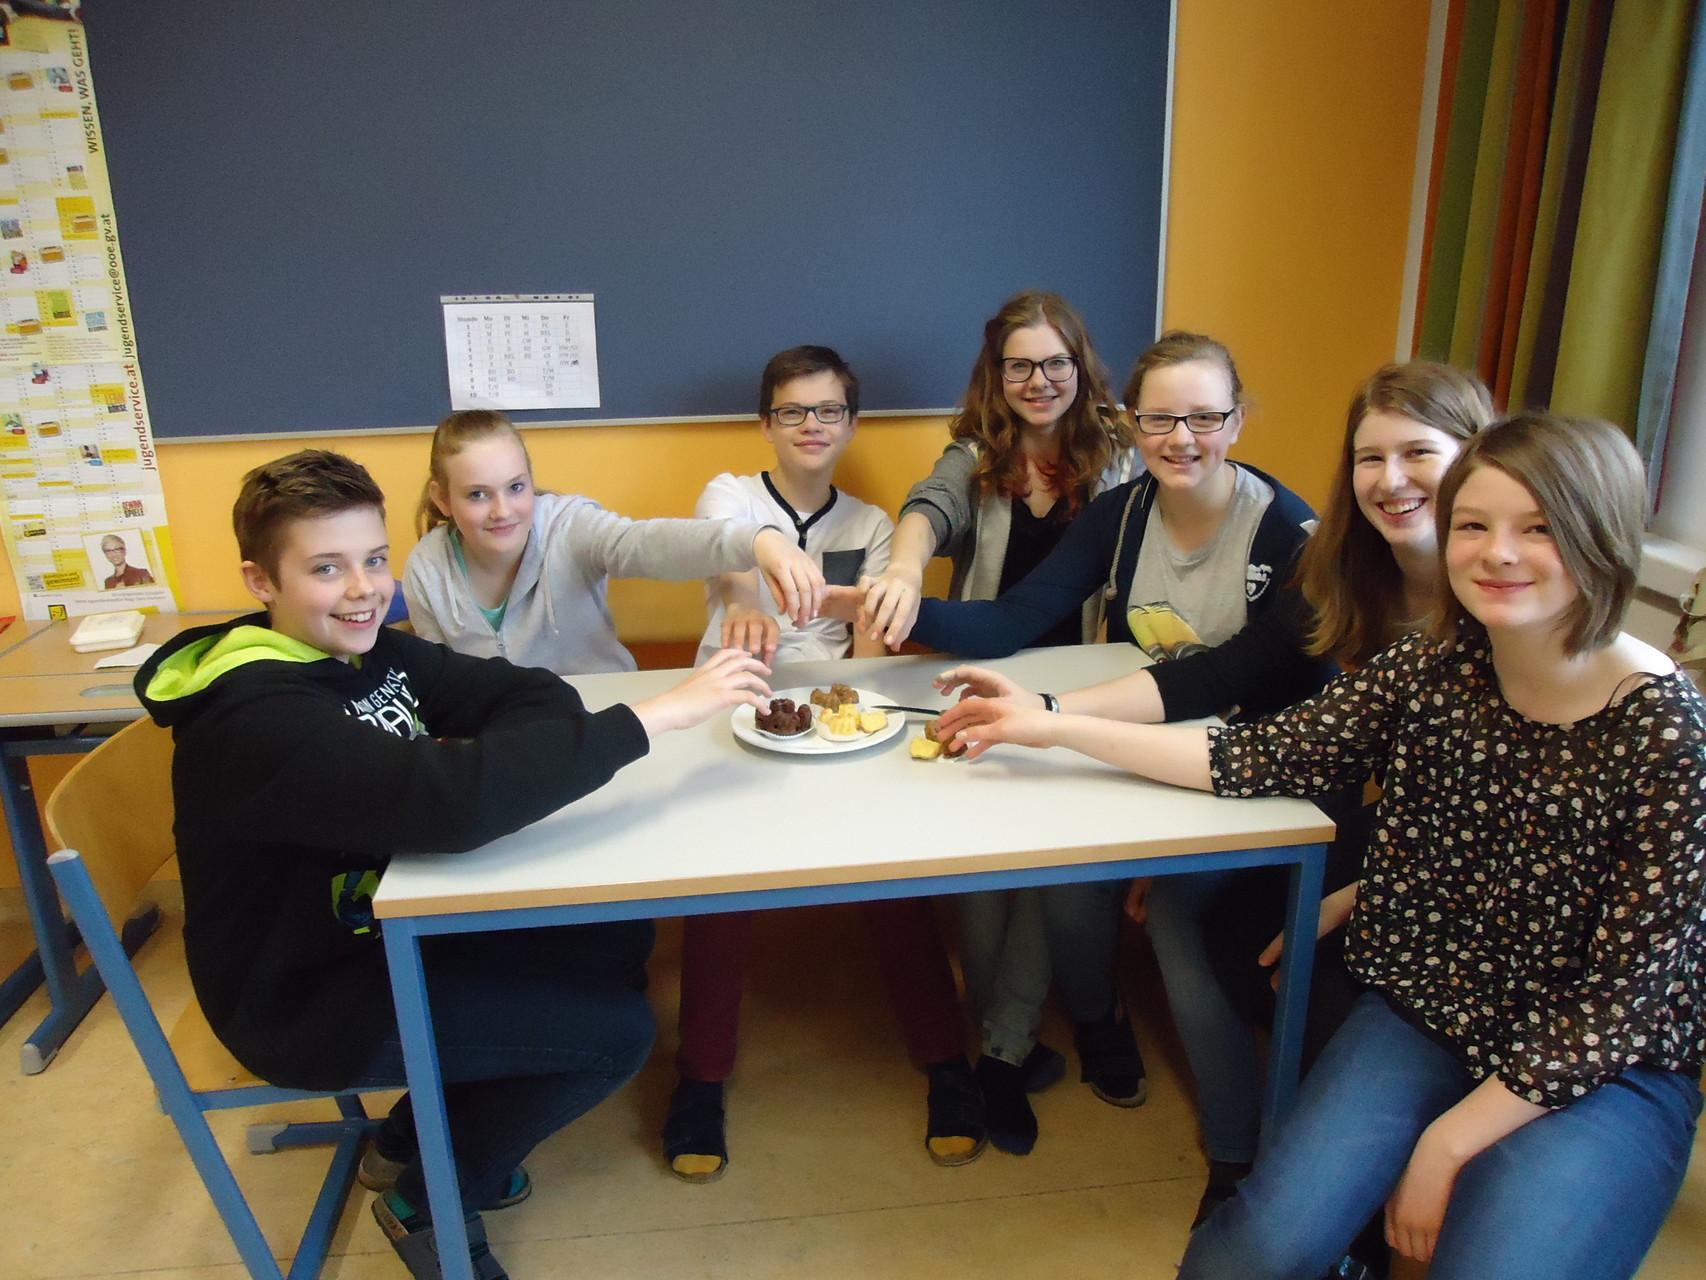 Essen schmeckt während des Unterrichts bestens!